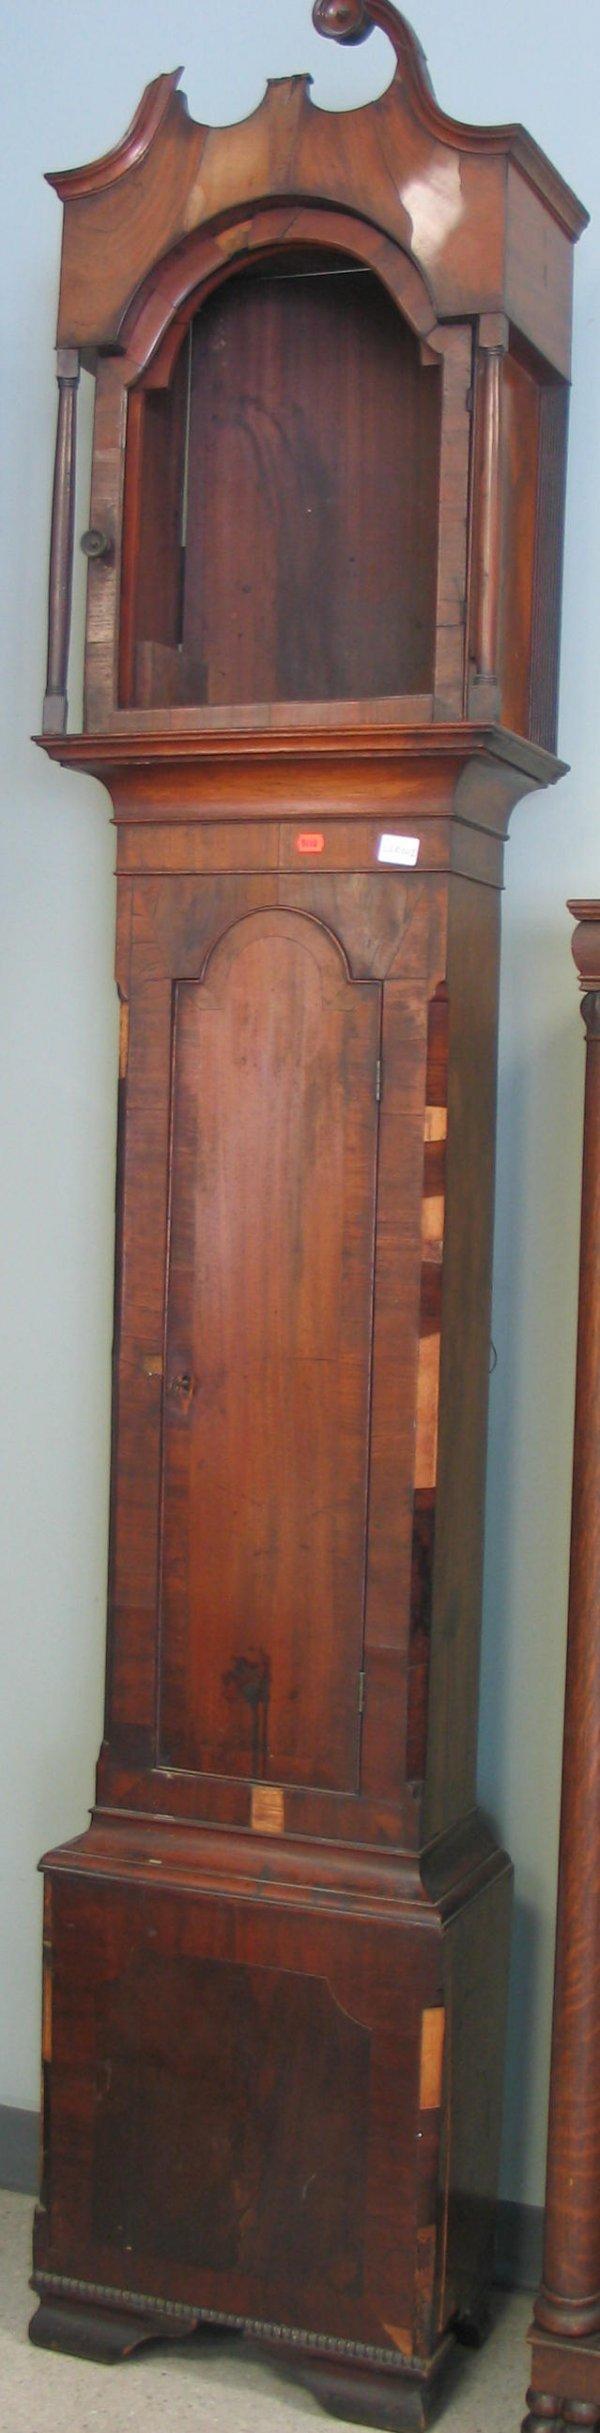 1281: American Chippendale mahogany tall case clock, la